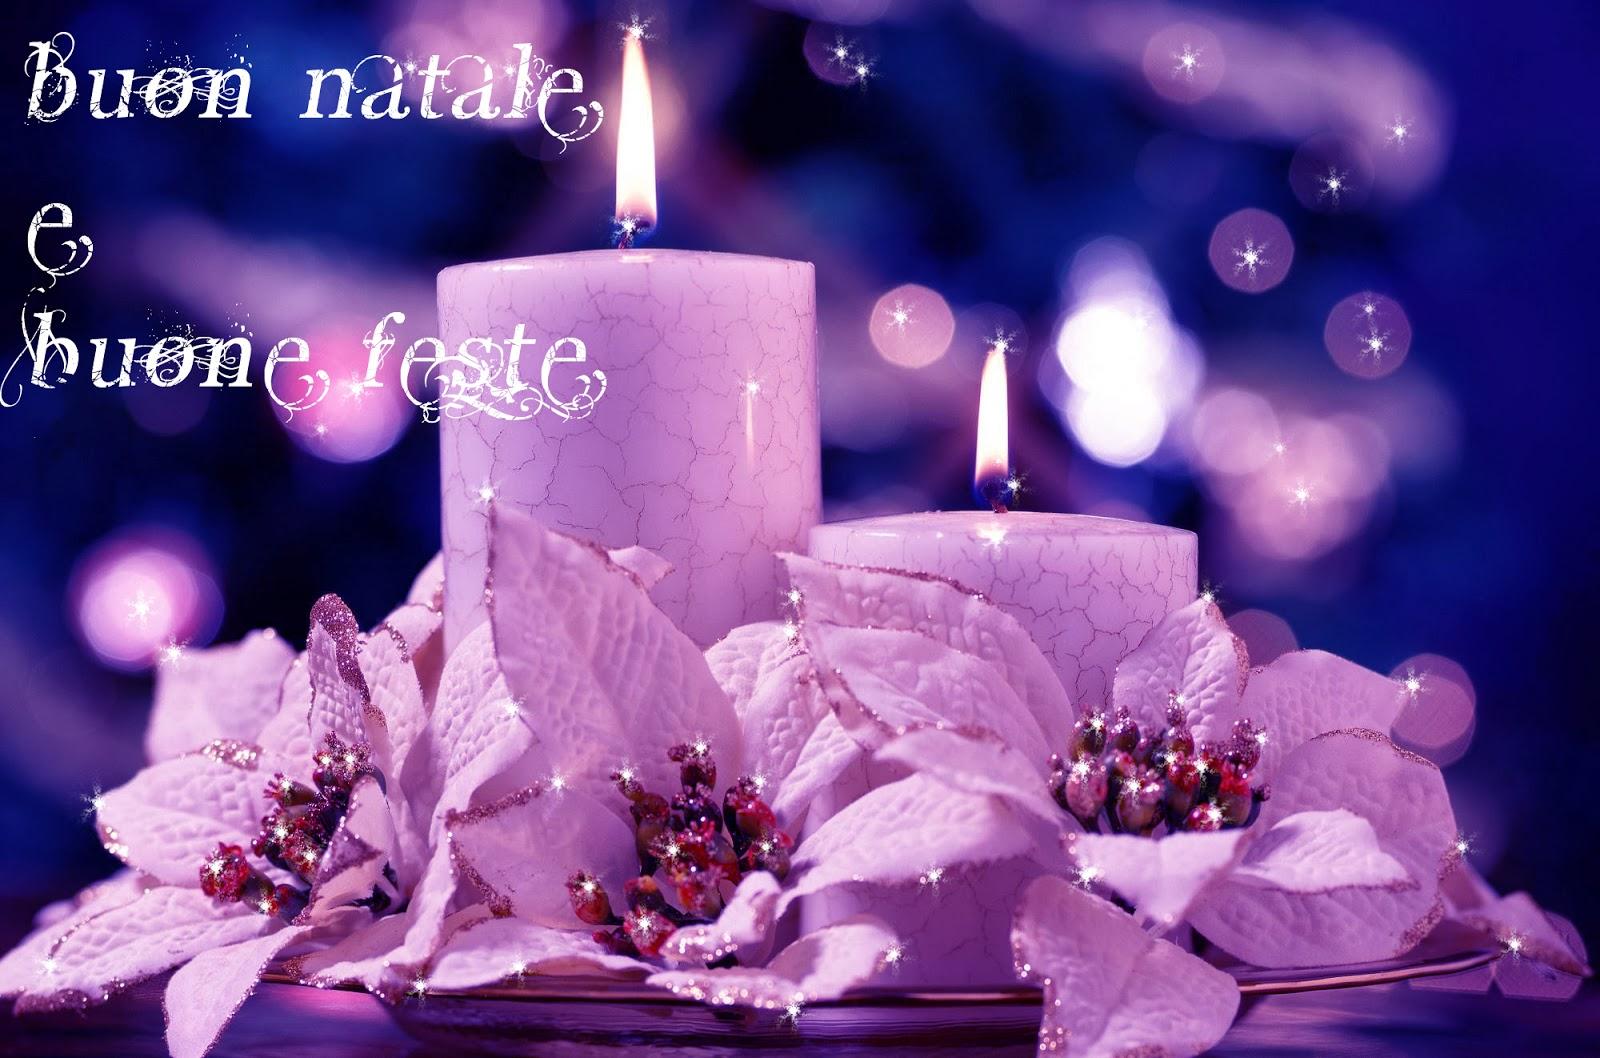 Auguri Di Buon Natale Alla Famiglia.Simbiosi Tanti Auguri Di Buon Natale E Buone Feste